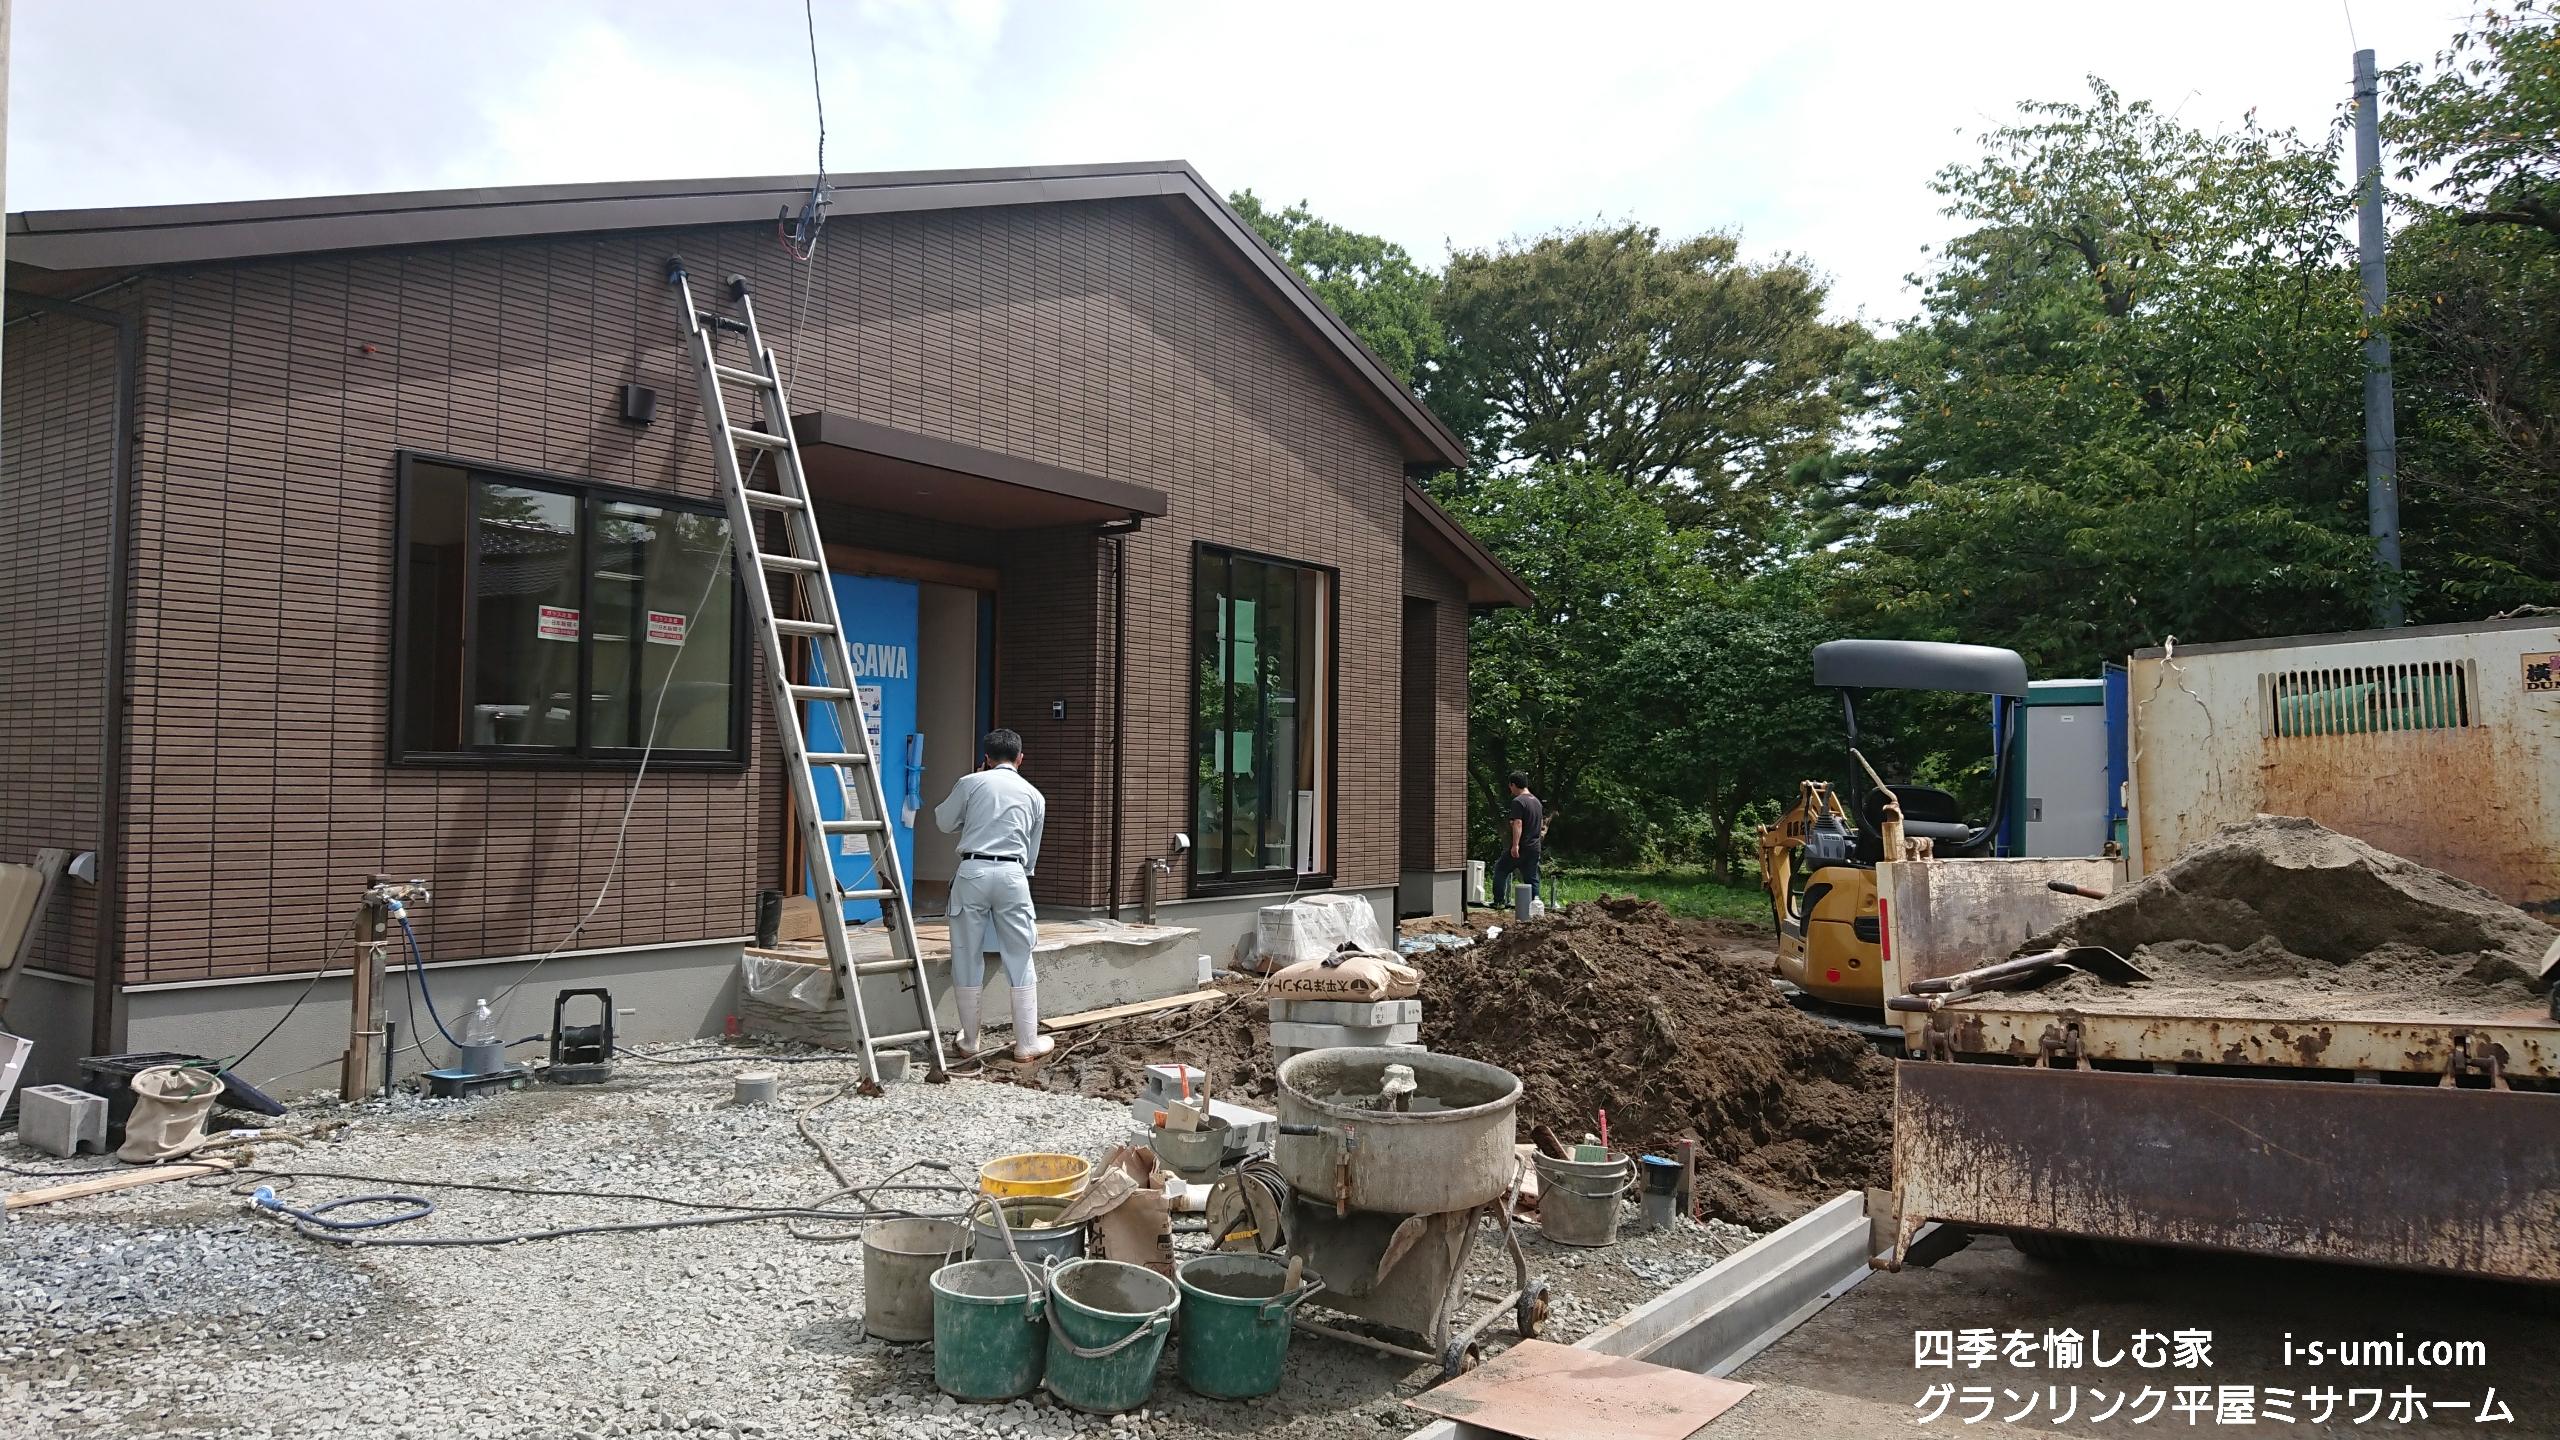 令和元年9月5日 着工から83日目の建築現場